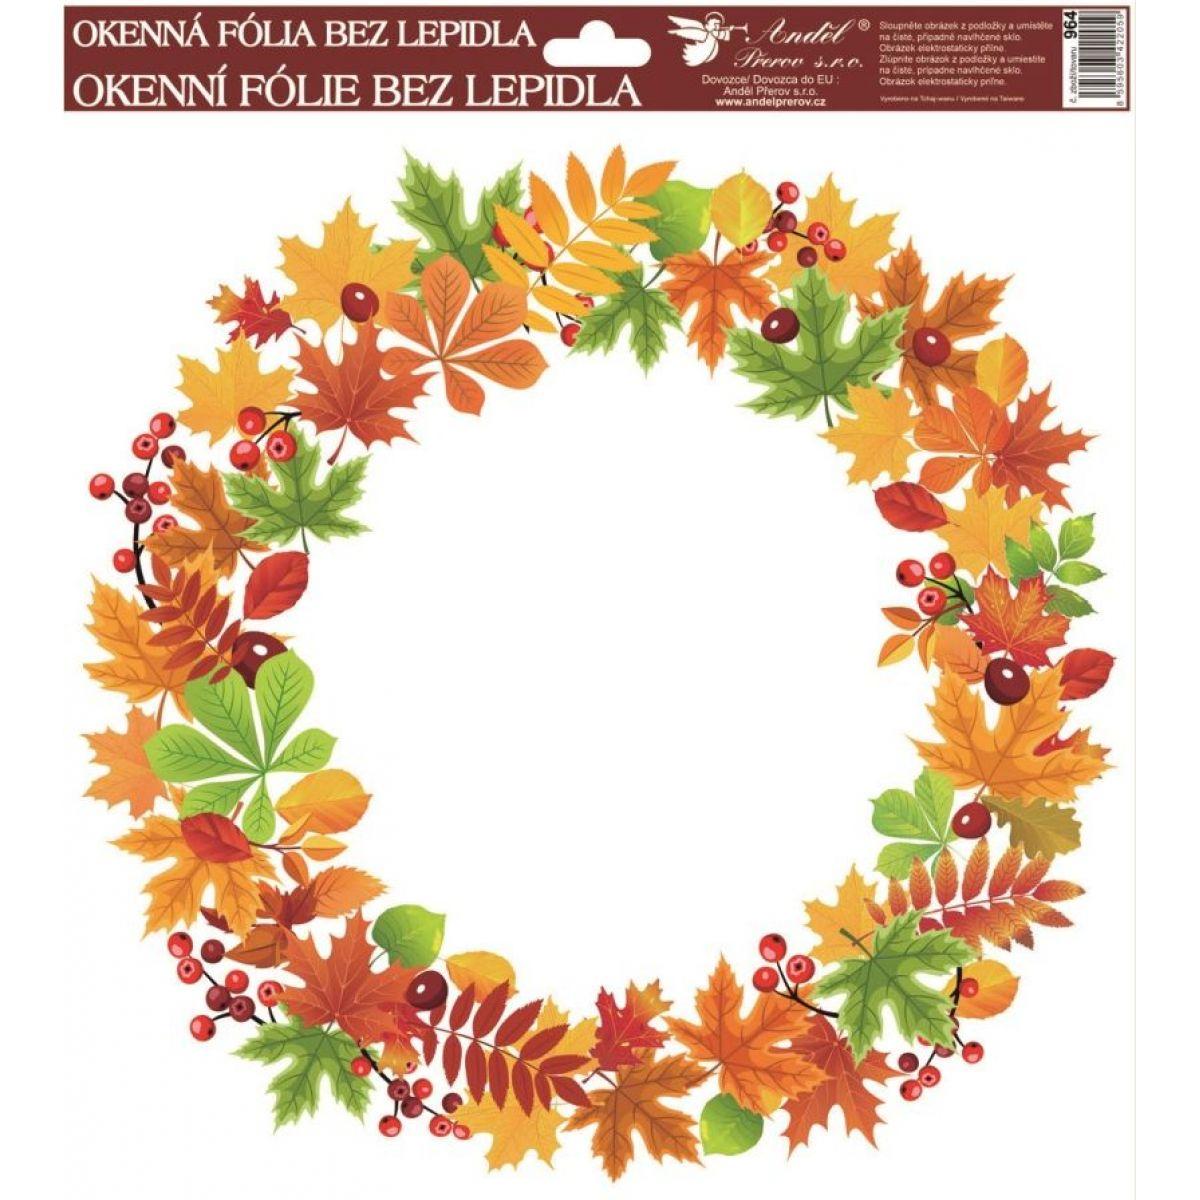 Okenné fólie 30 x 30 cm, jesenné vence lístie sa šípky